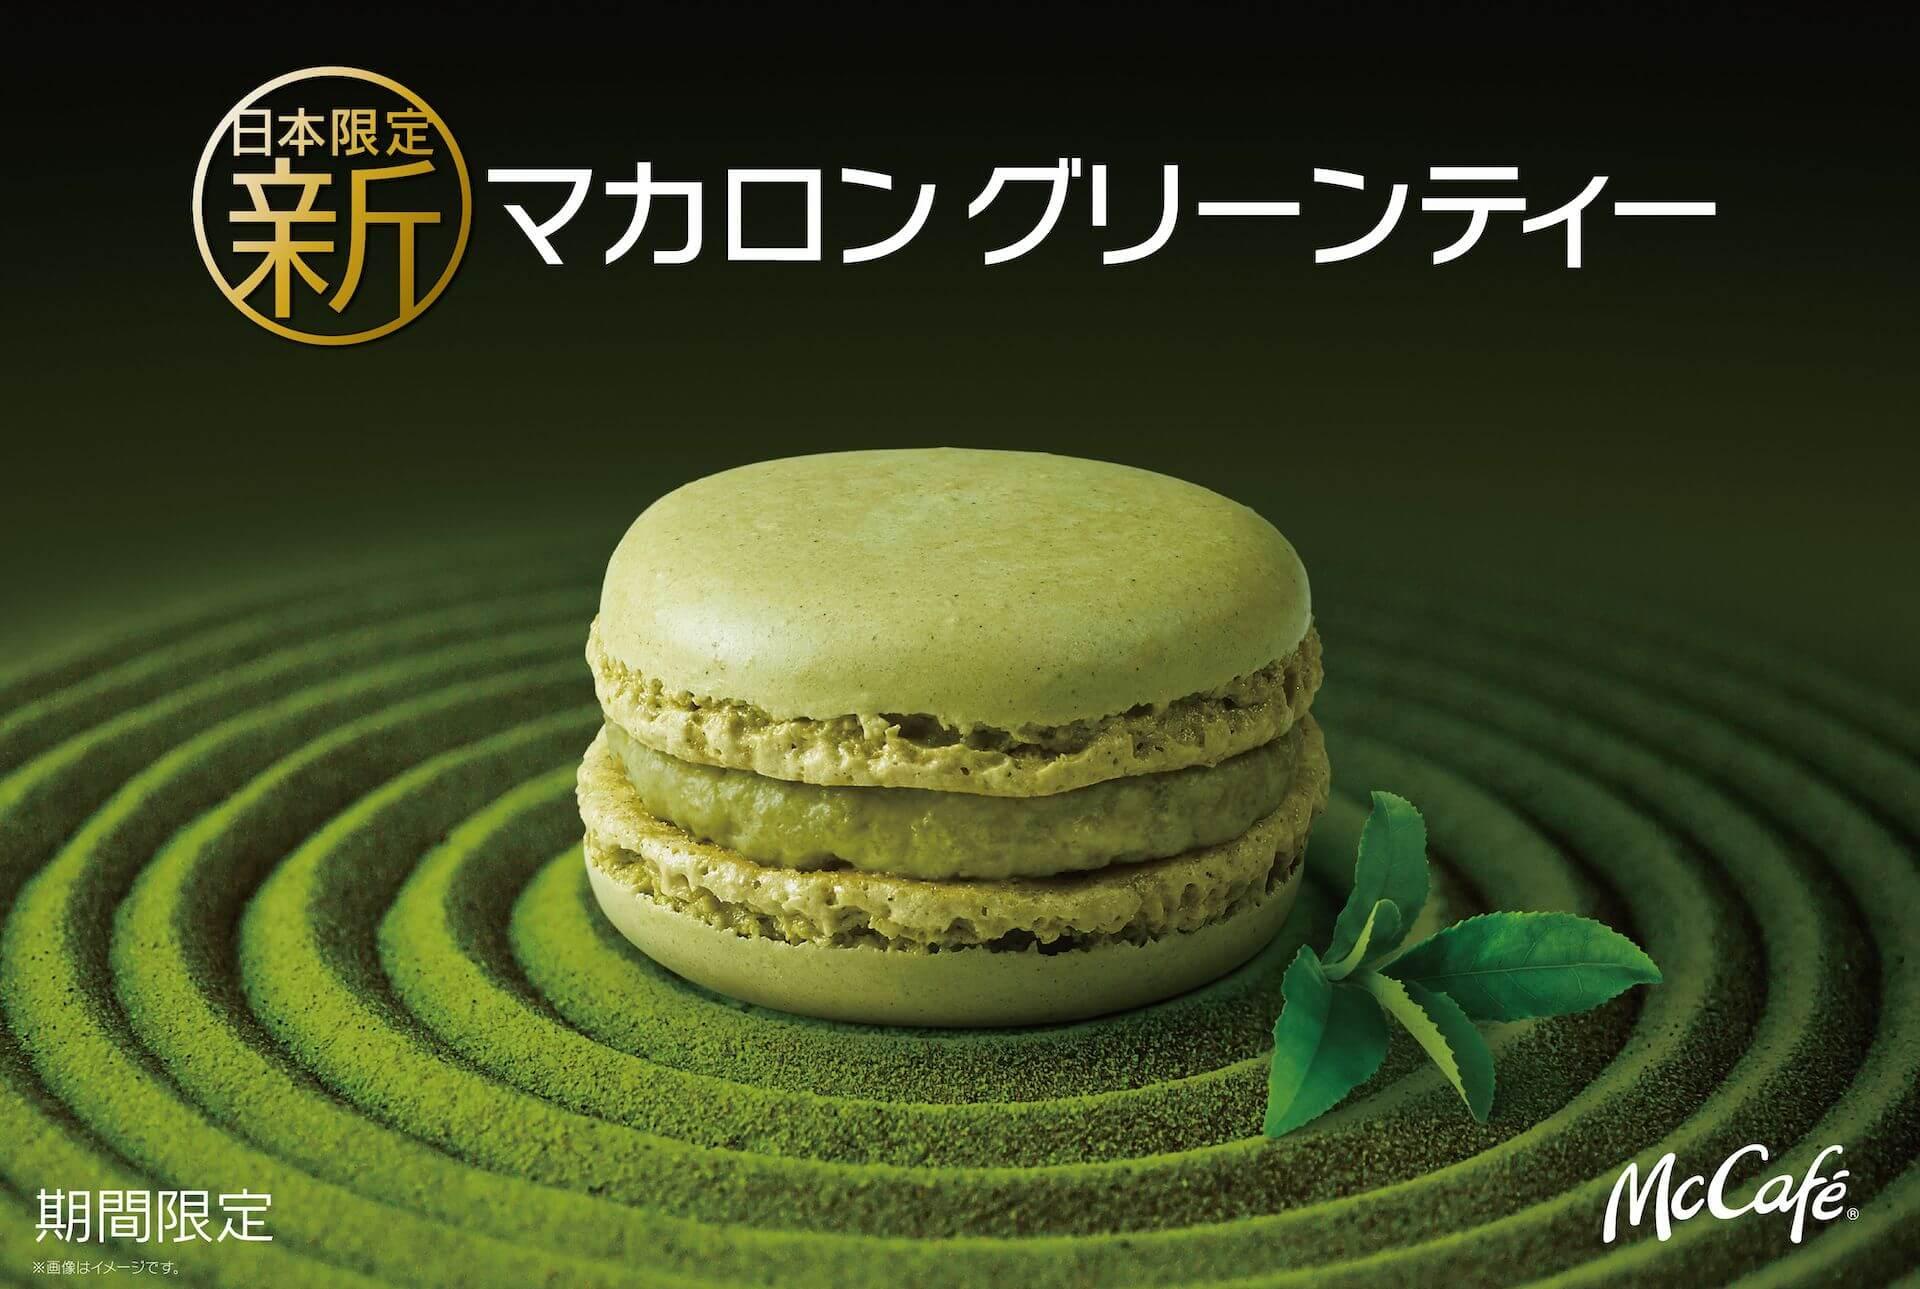 マクドナルド「マックカフェ」のマカロンシリーズに日本オリジナルの新作「グリーンティー」登場! gourmet210413_mcdonald_macaroons_2